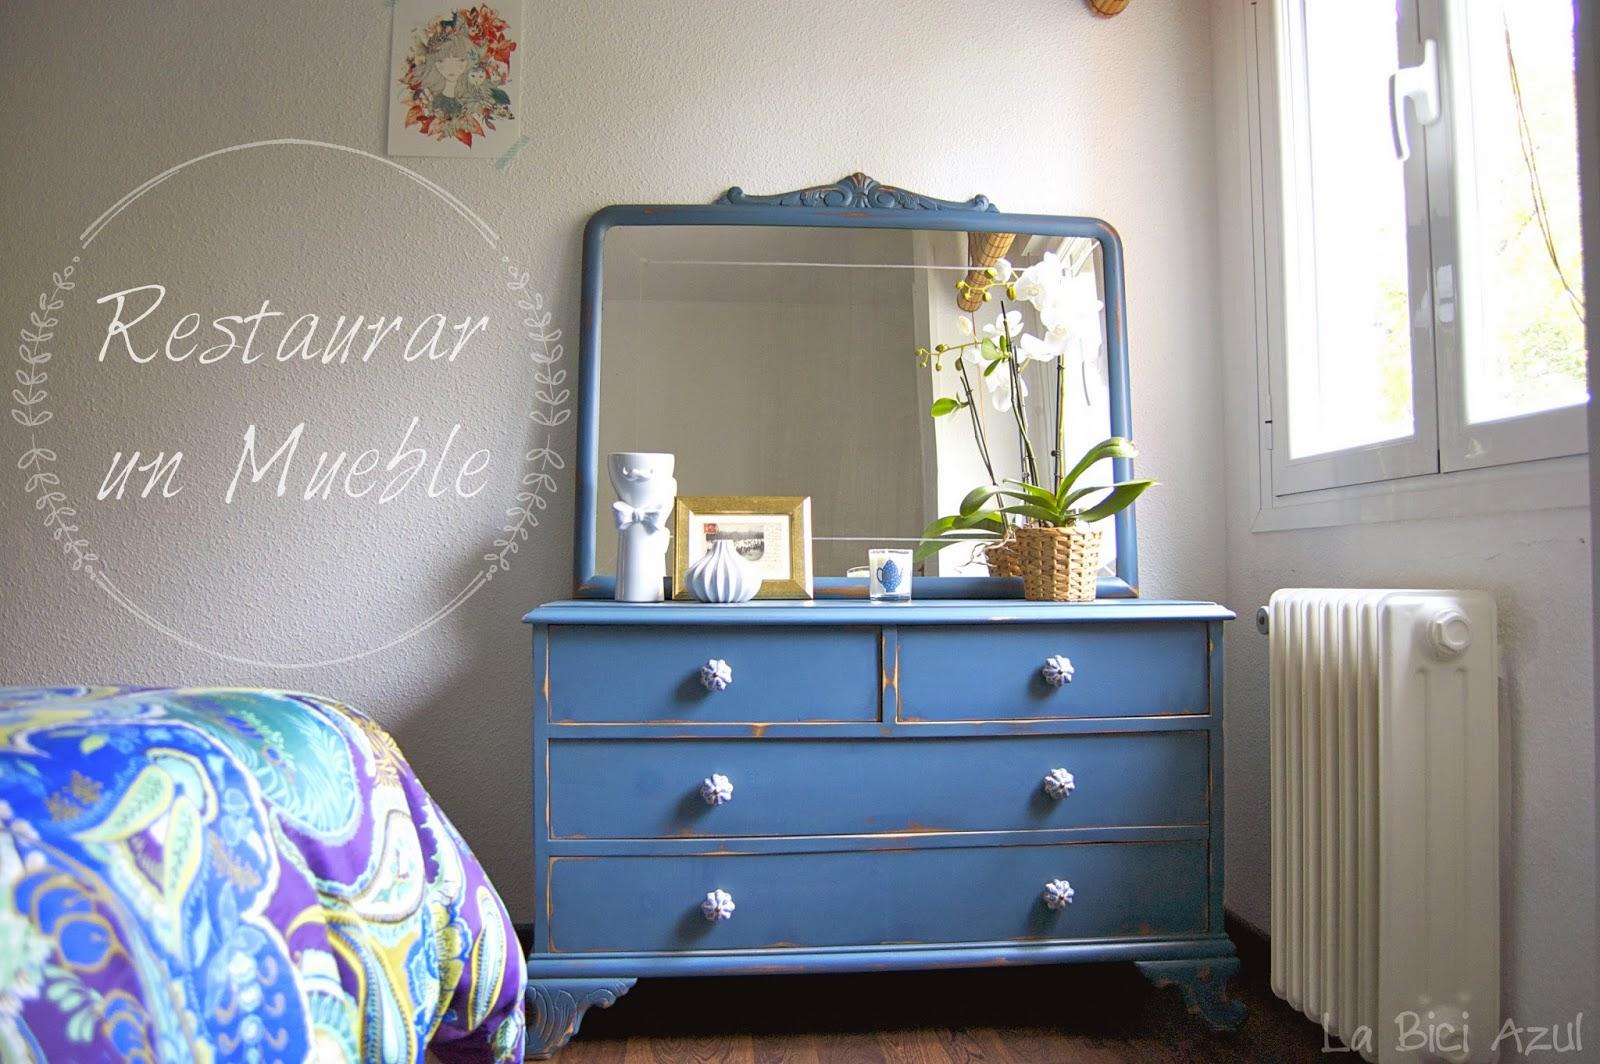 Diy restaurar un mueble de los a os 50 la bici azul - Restaurar mueble madera ...